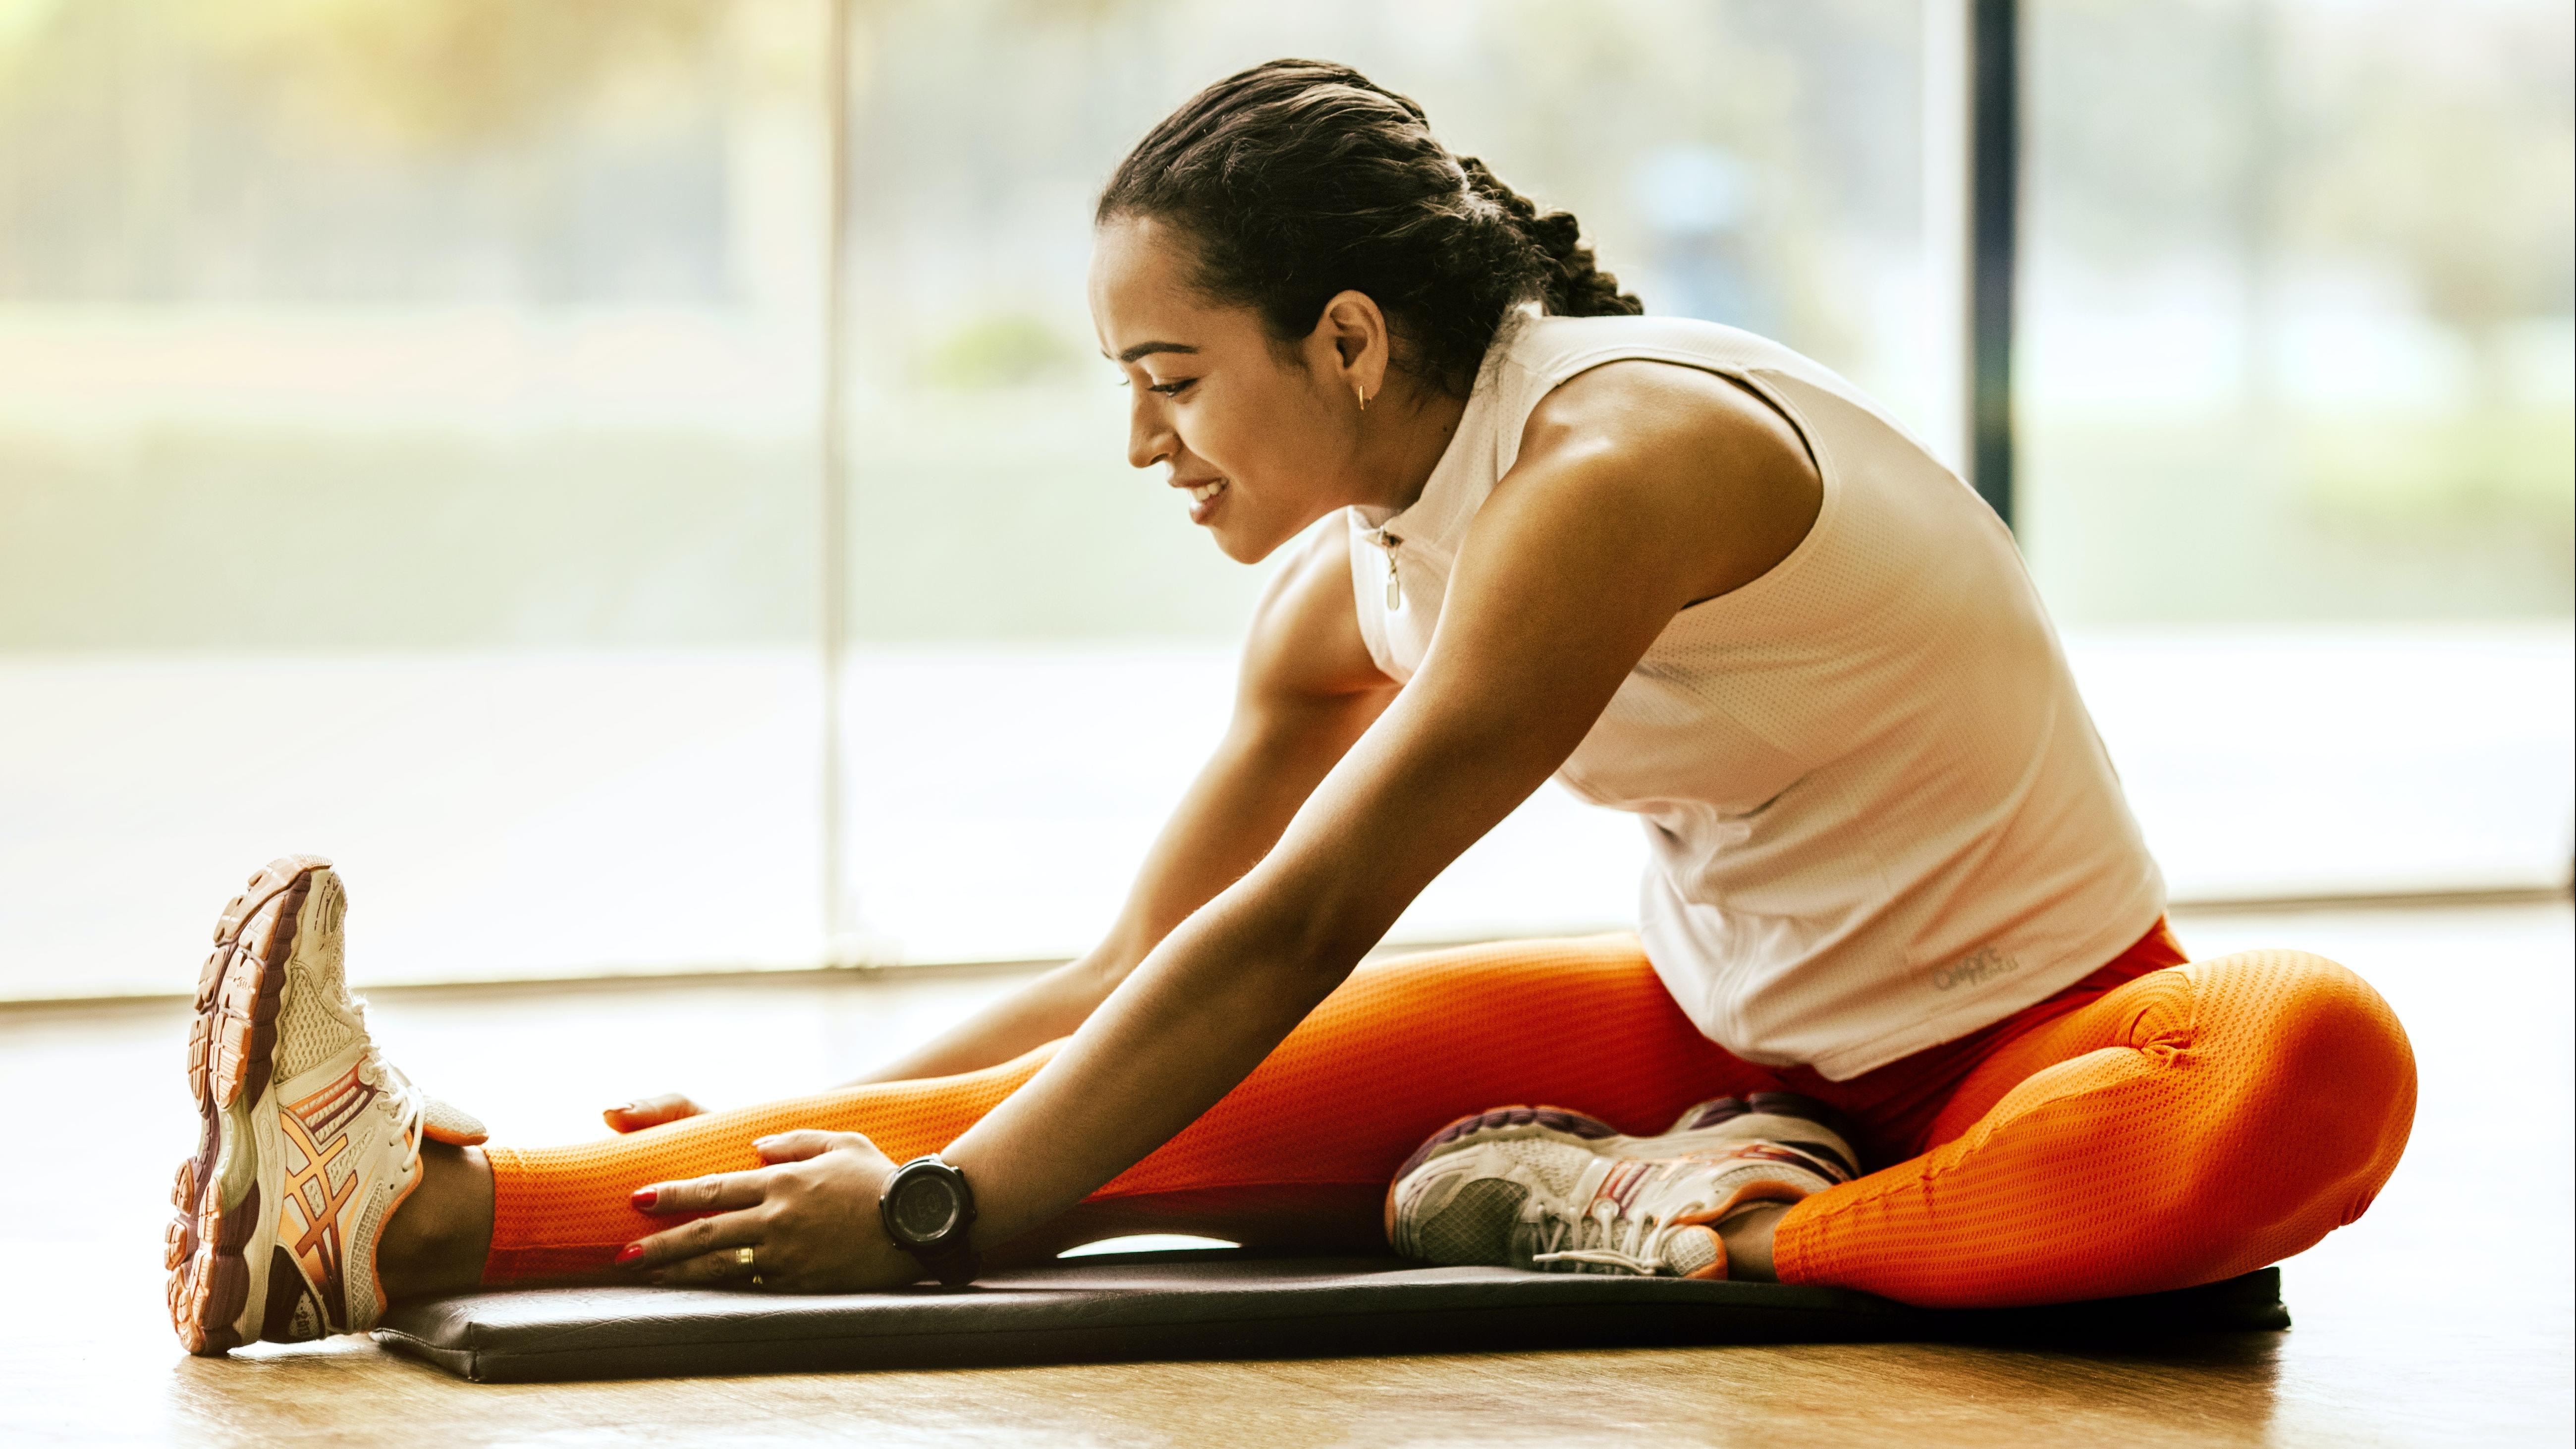 Wann Sie nach der Weisheitszahn-OP wieder Sport machen dürfen, hängt von der Sportart ab.